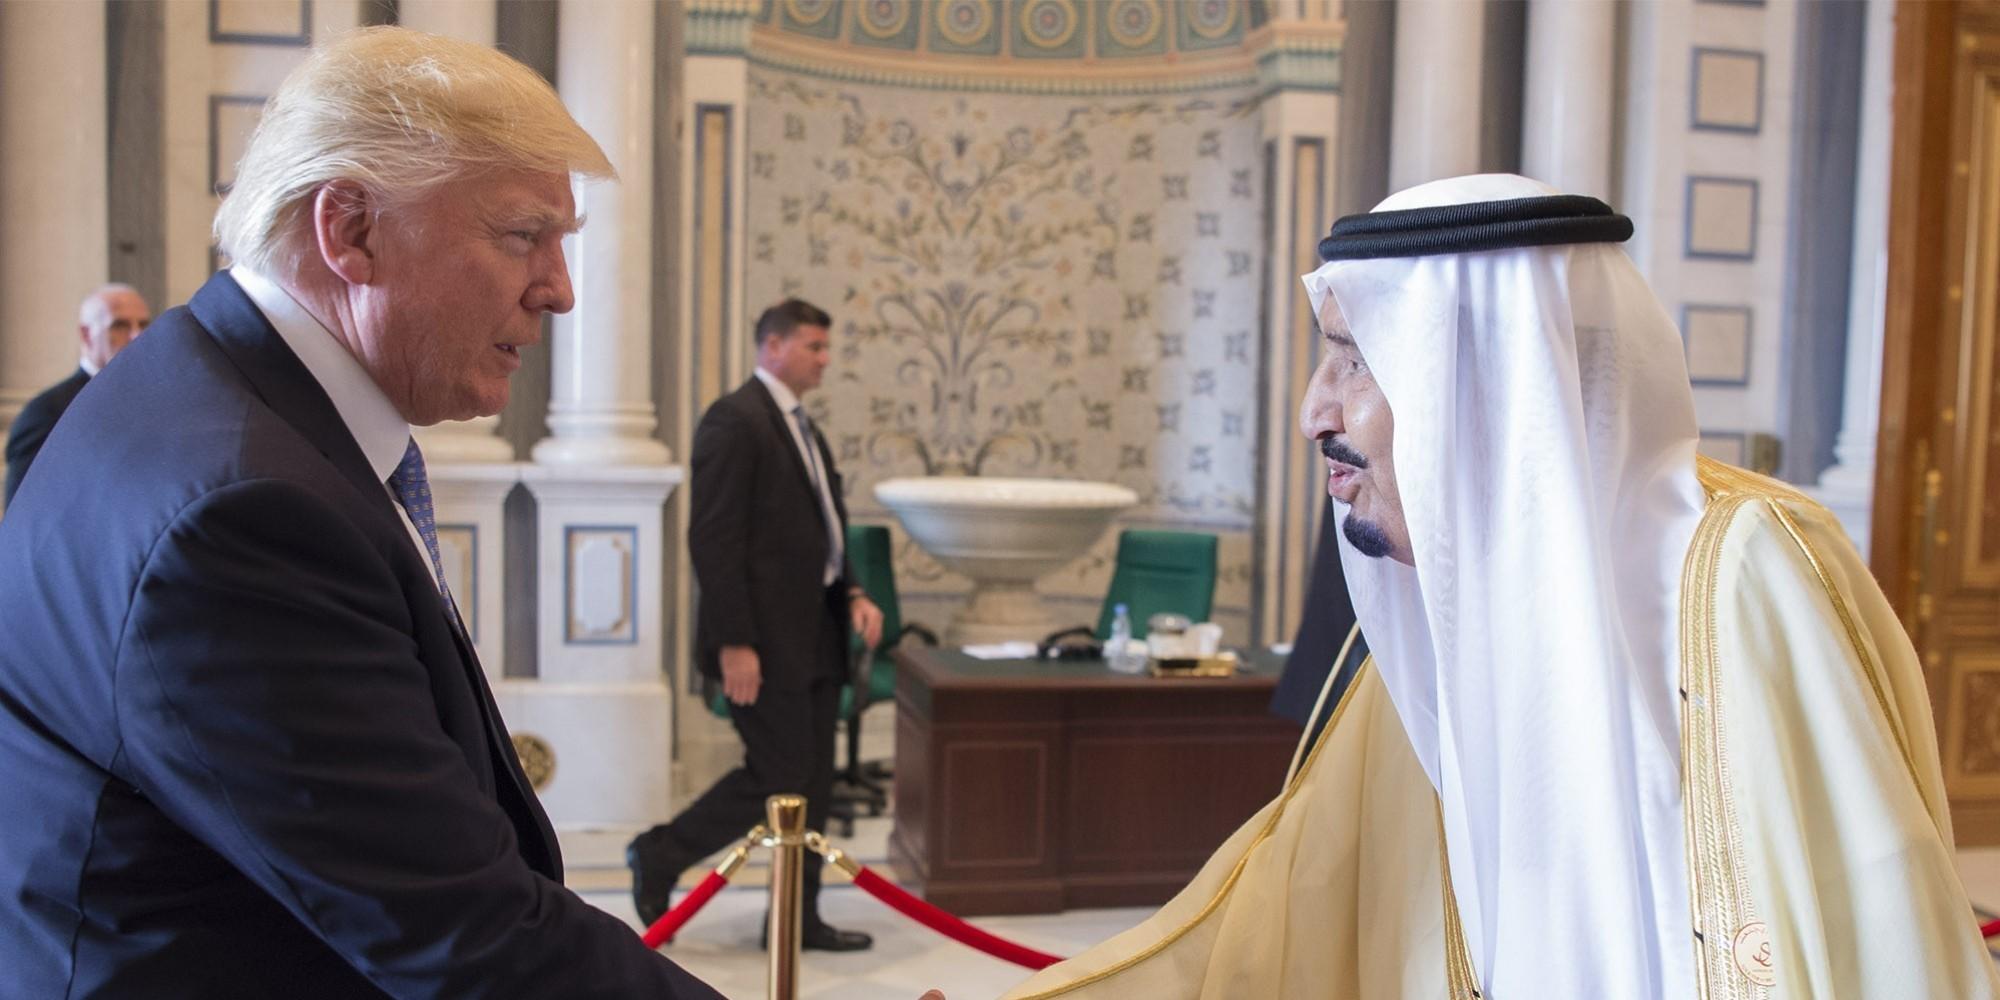 بالفيديو.. الملك سلمان يطلب من ترامب وزوجته شرب القهوة باليمين